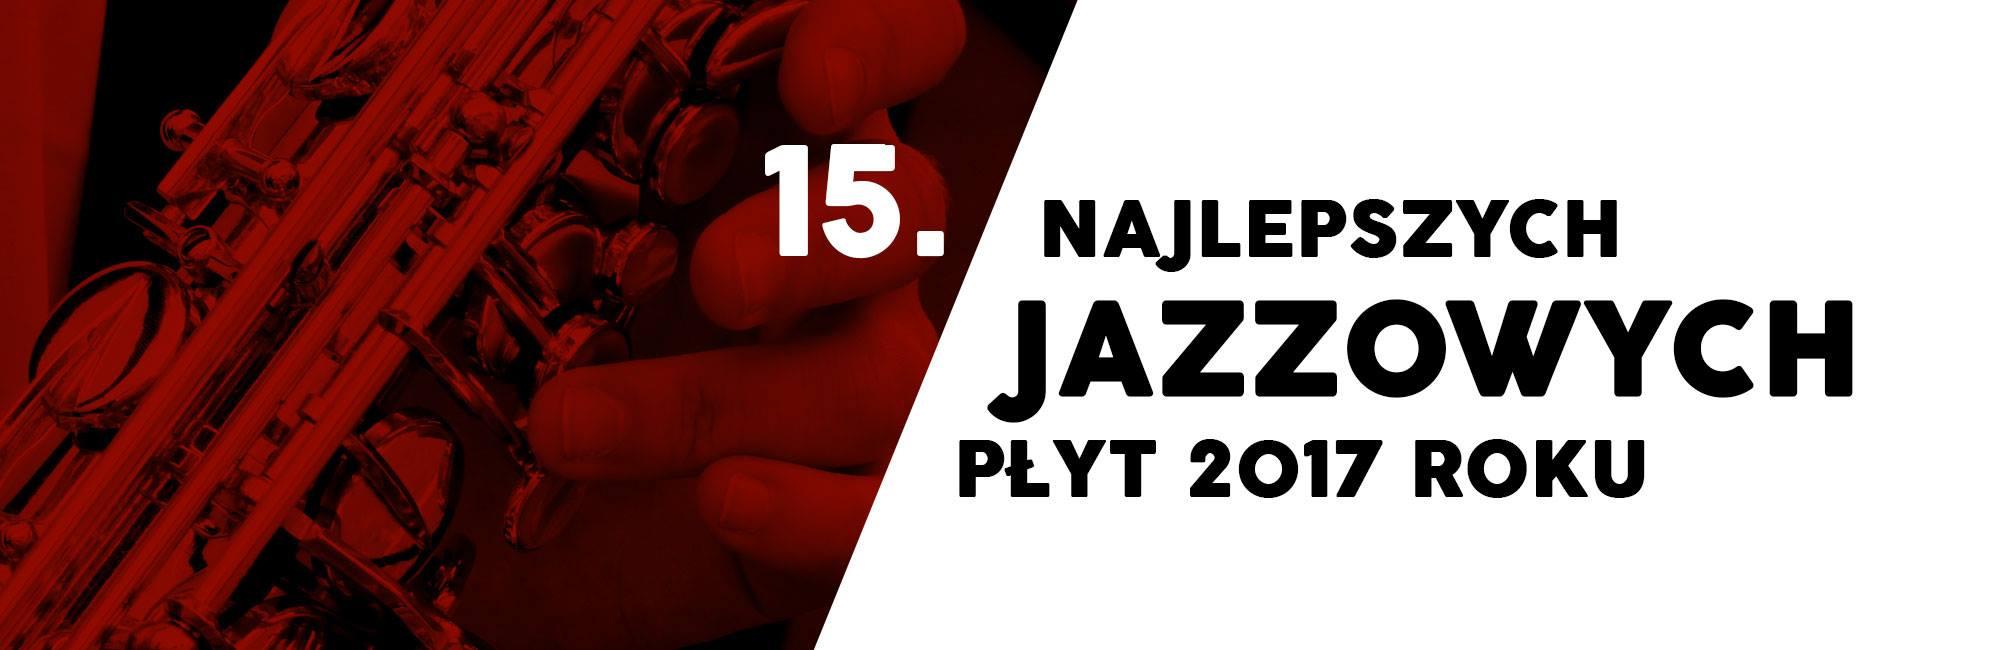 15. najlepszych jazzowych płyt 2017 roku